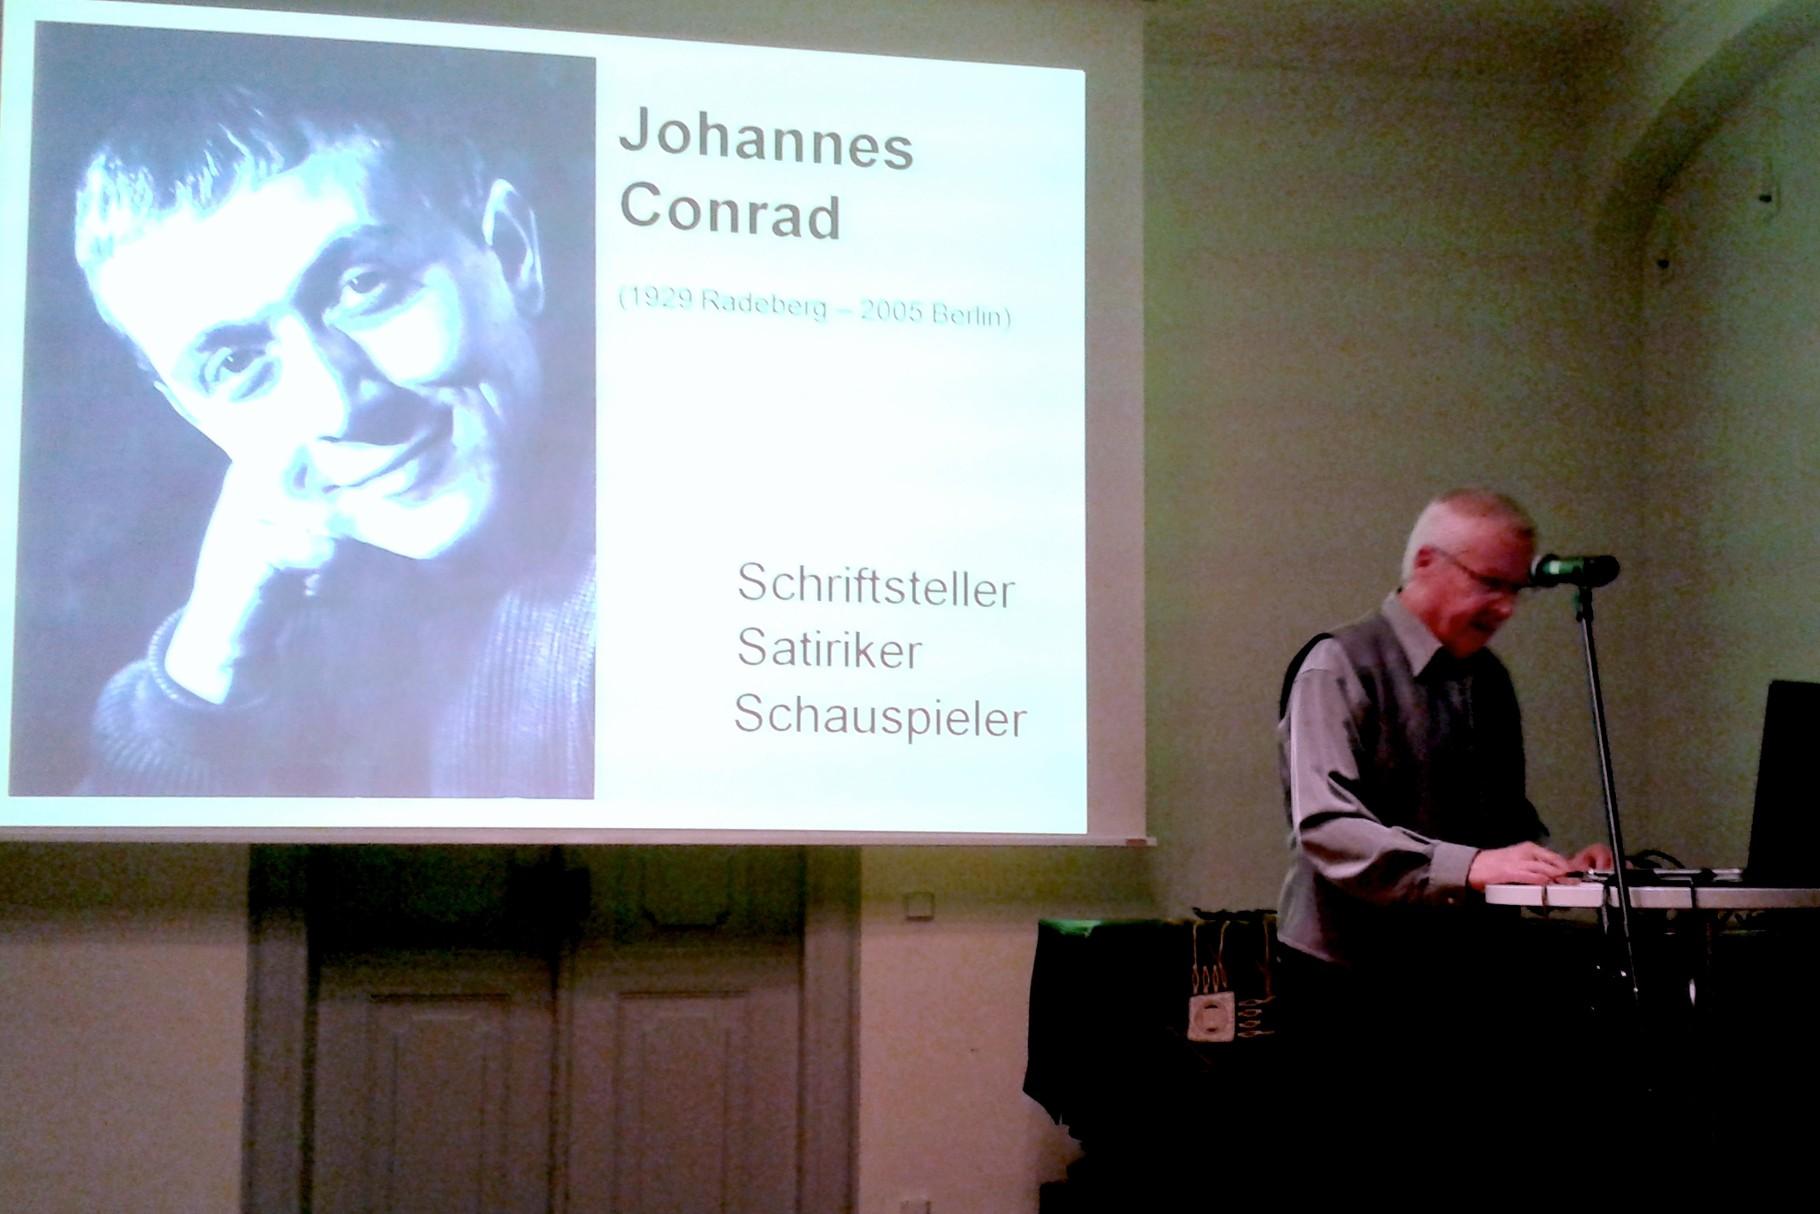 """Vortrag """"Johannes Conrad"""" im Schloss Klippenstein Radeberg am 22. Okt. 2015"""